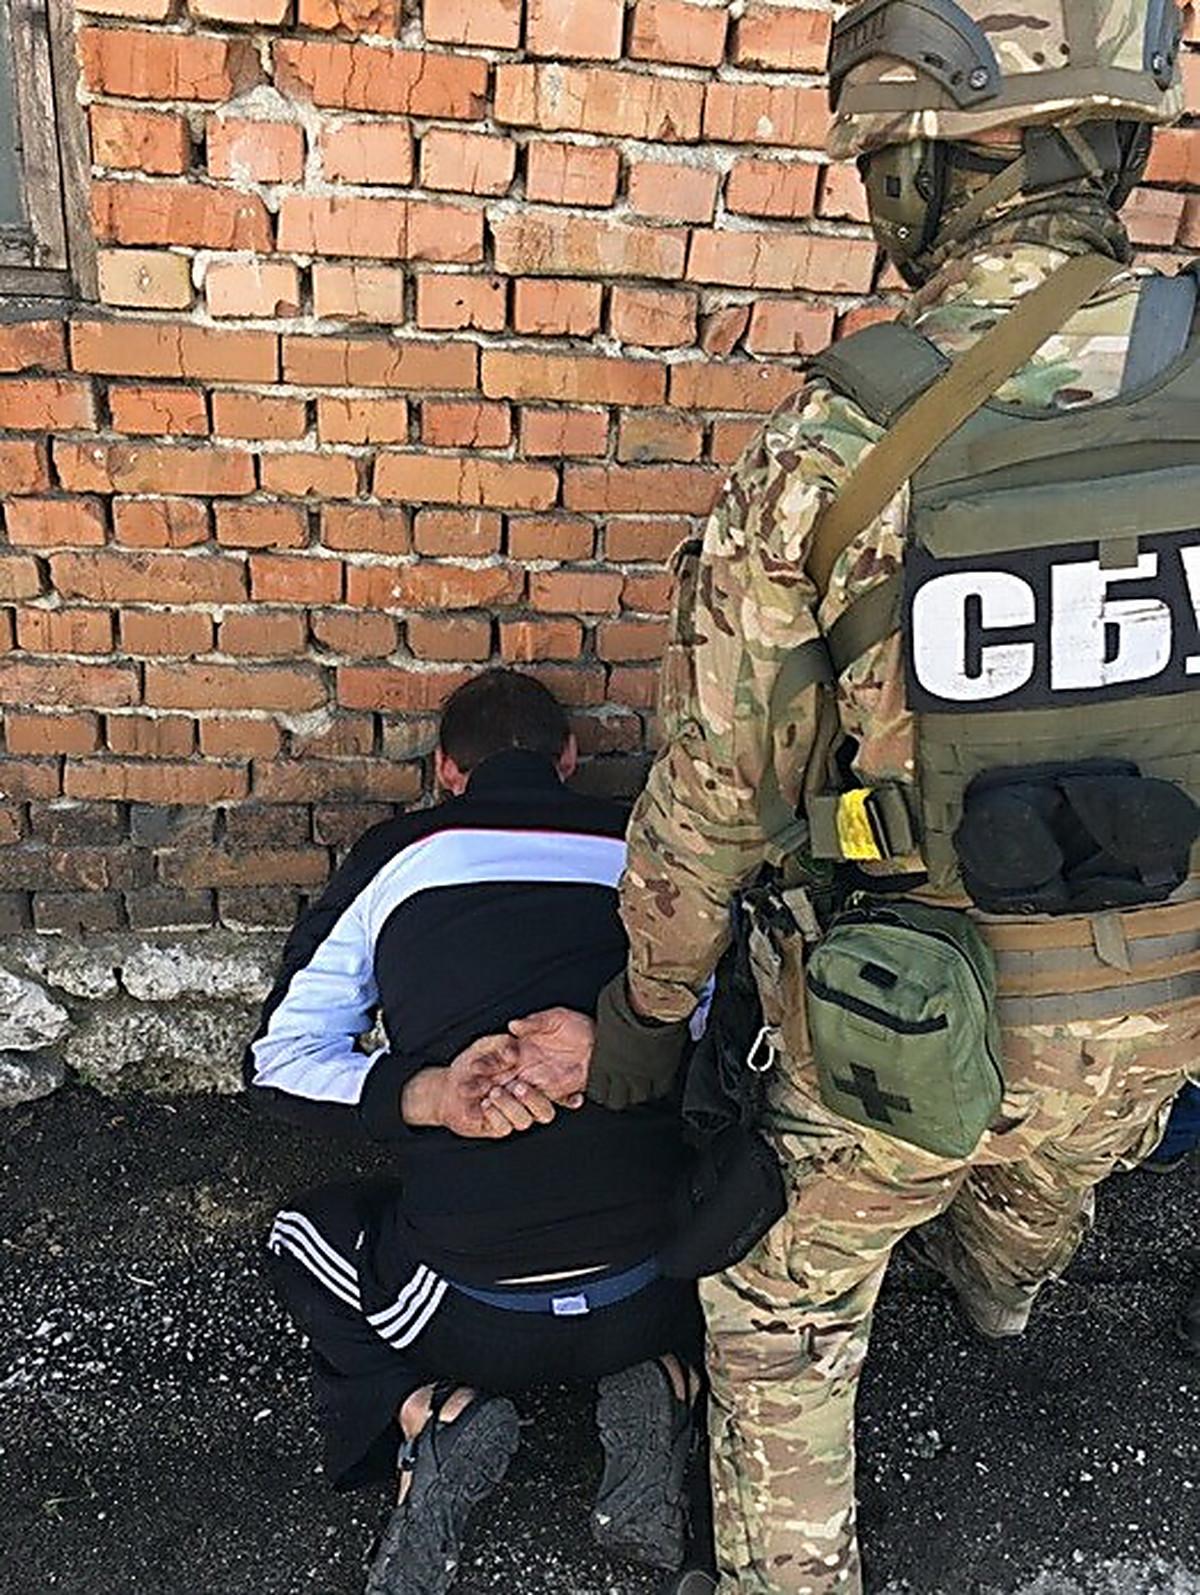 Співробітники Служби безпеки України затримали учасника проросійських незаконних збройних формувань.